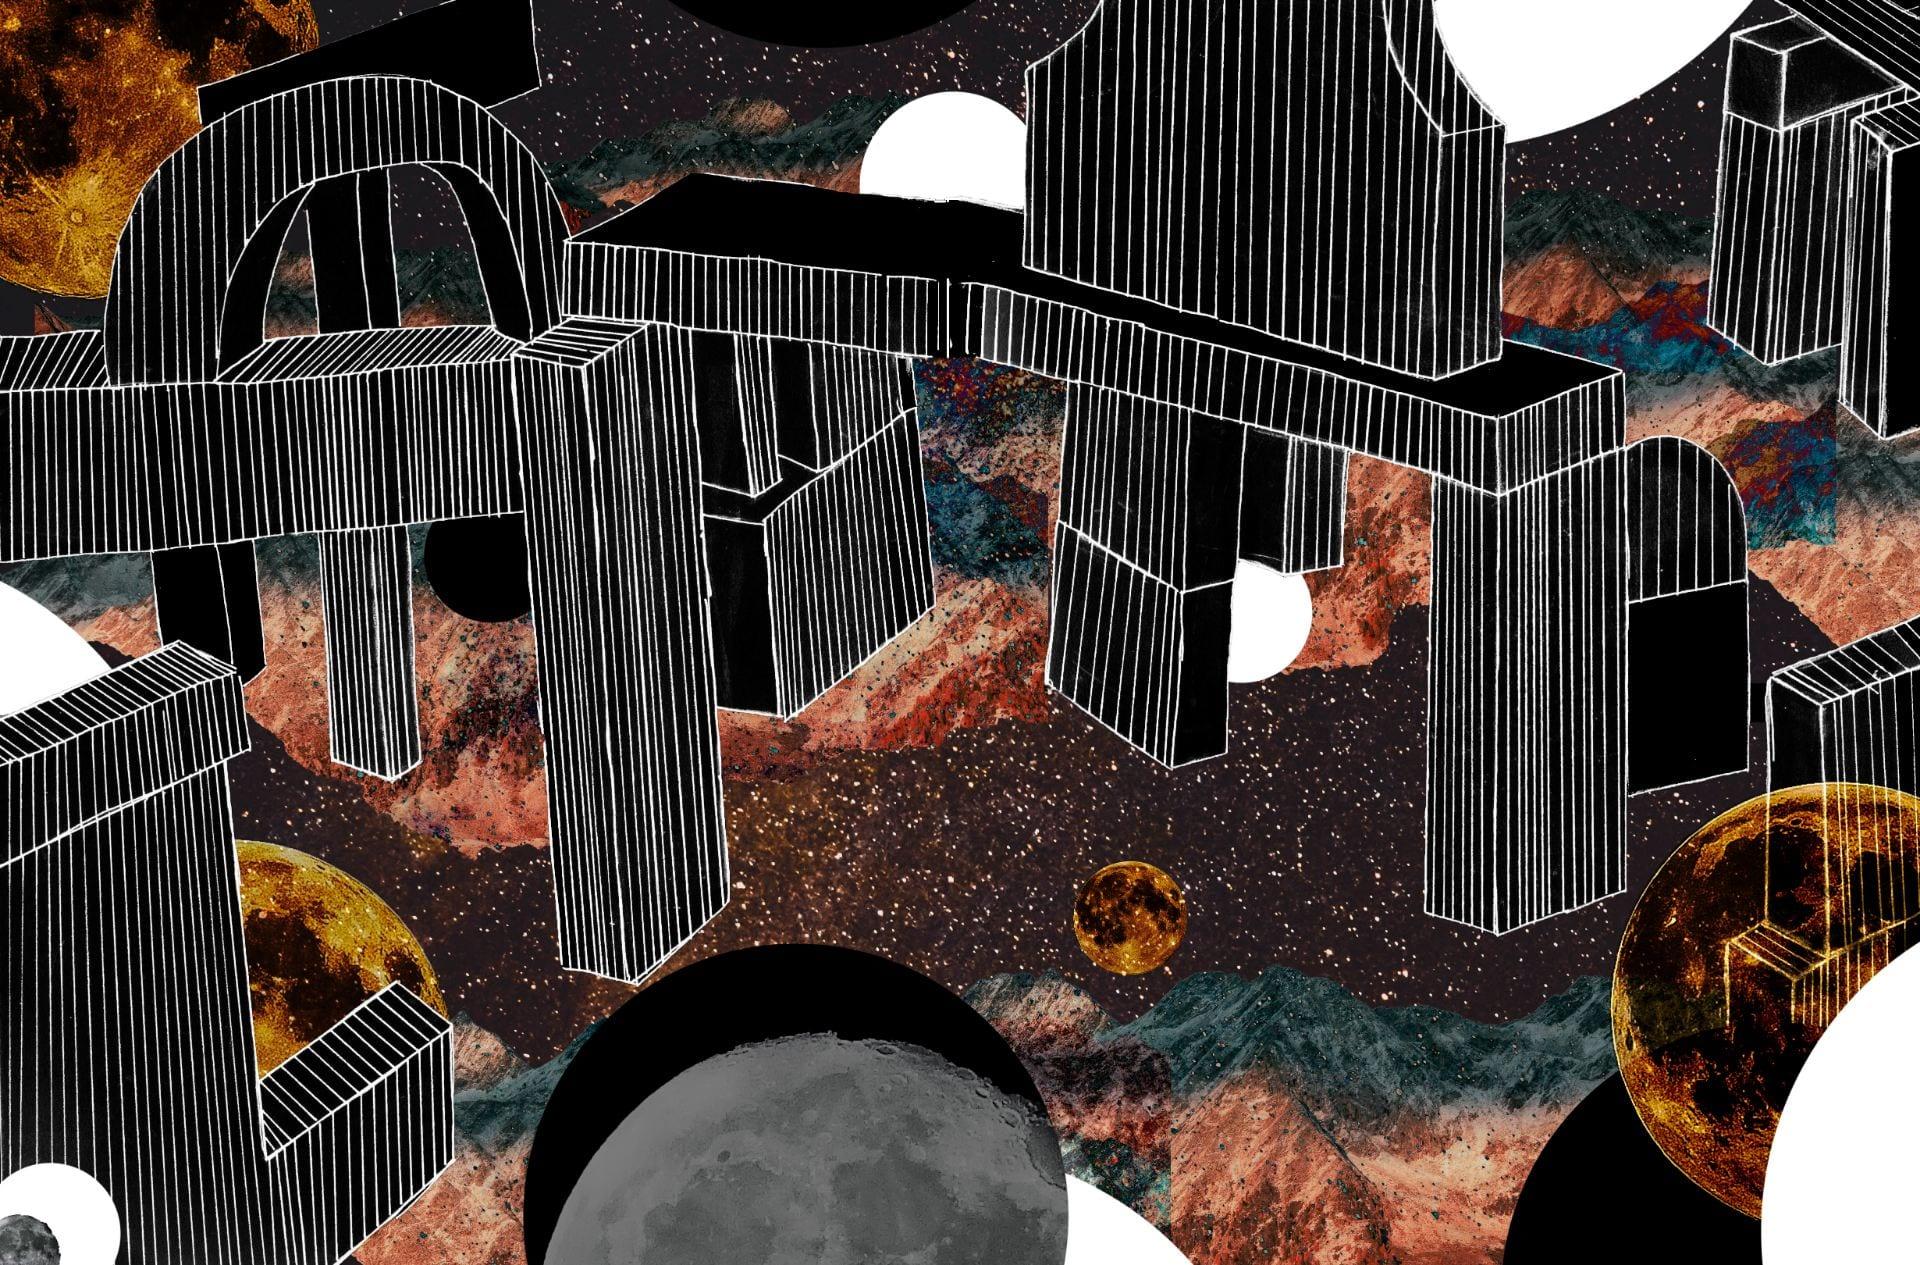 Building Block City Dreams – Photoshop